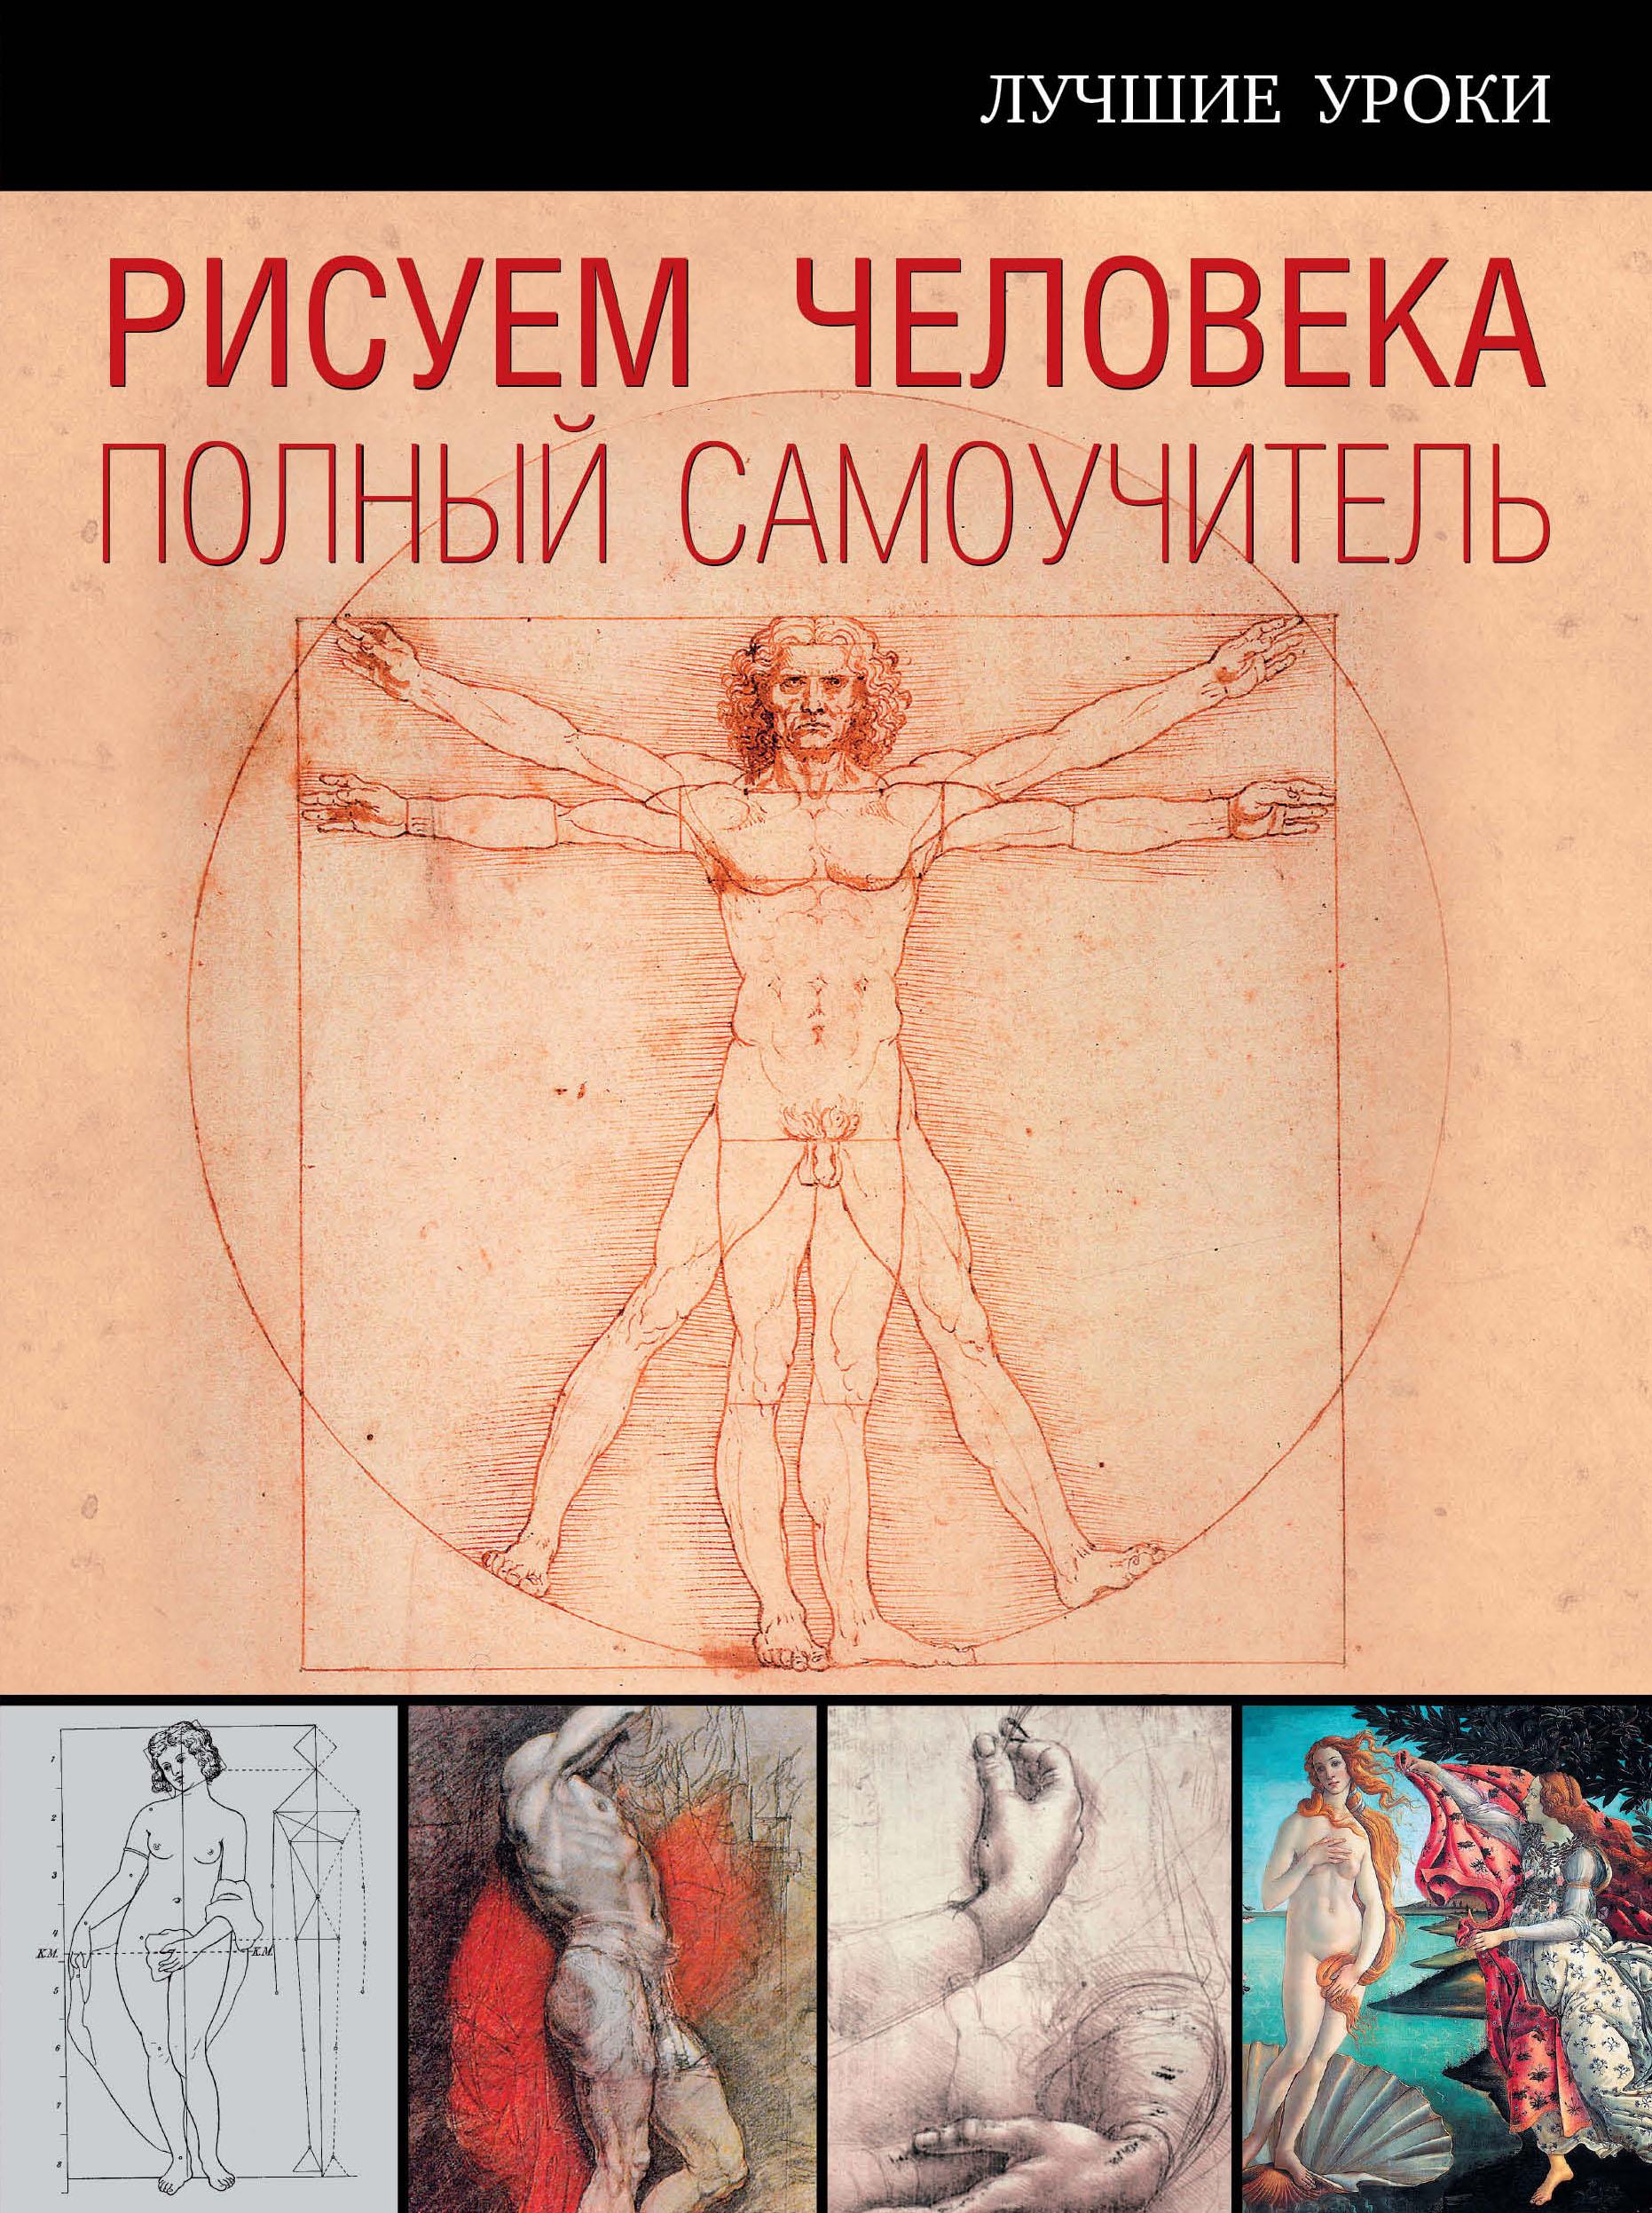 Карл Штрац Рисуем человека. Полный самоучитель баммес г образ человека учебник и практическое руководство по пластической анатомии для художников